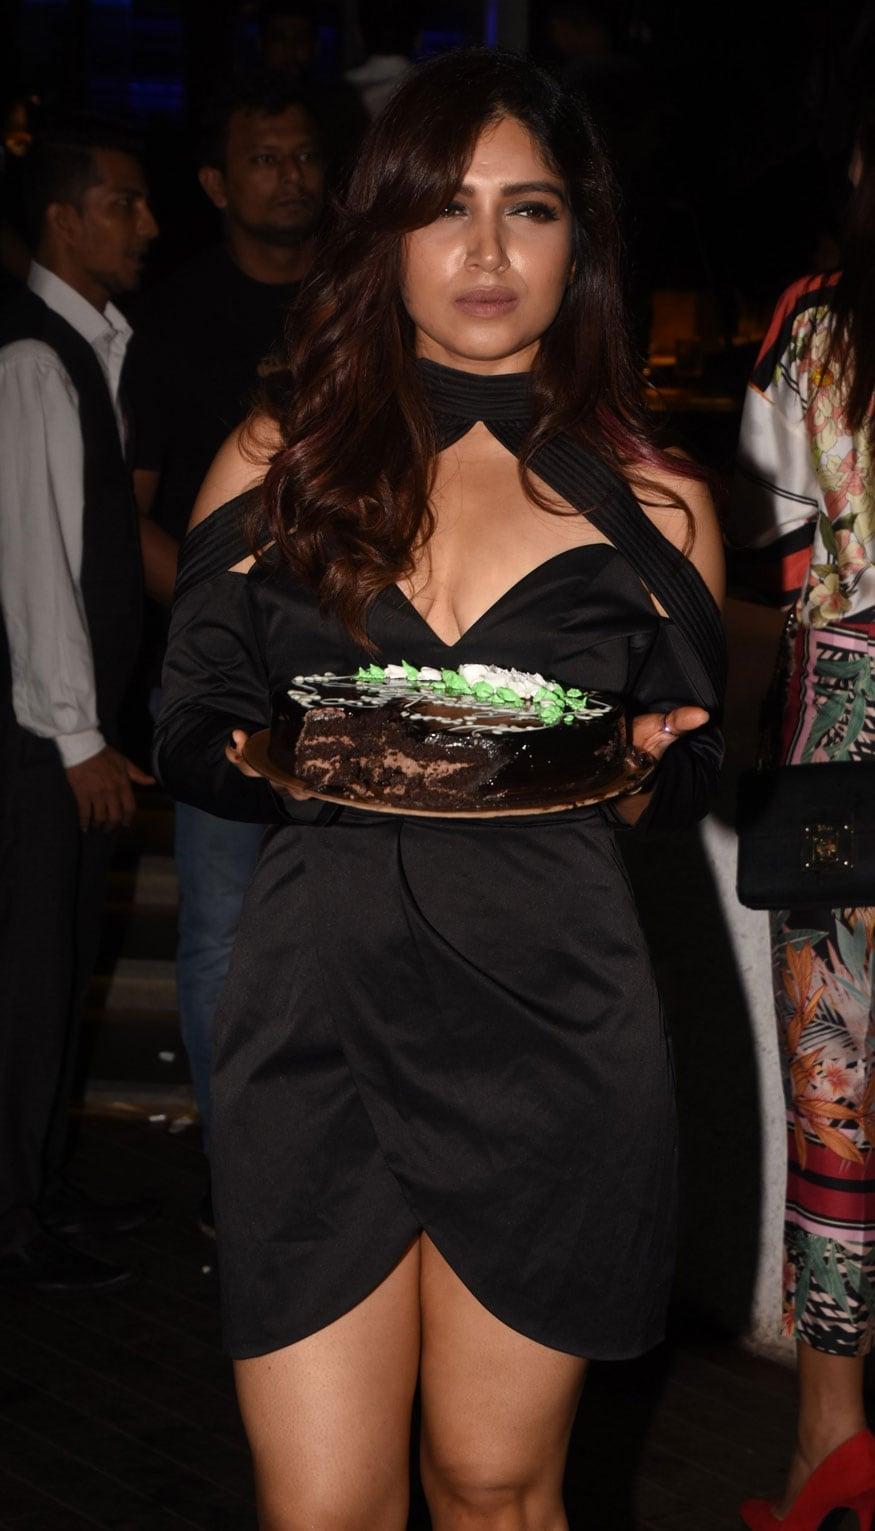 Bhumi Pednekar during her birthday party in Mumbai. (Image: Viral Bhayani)